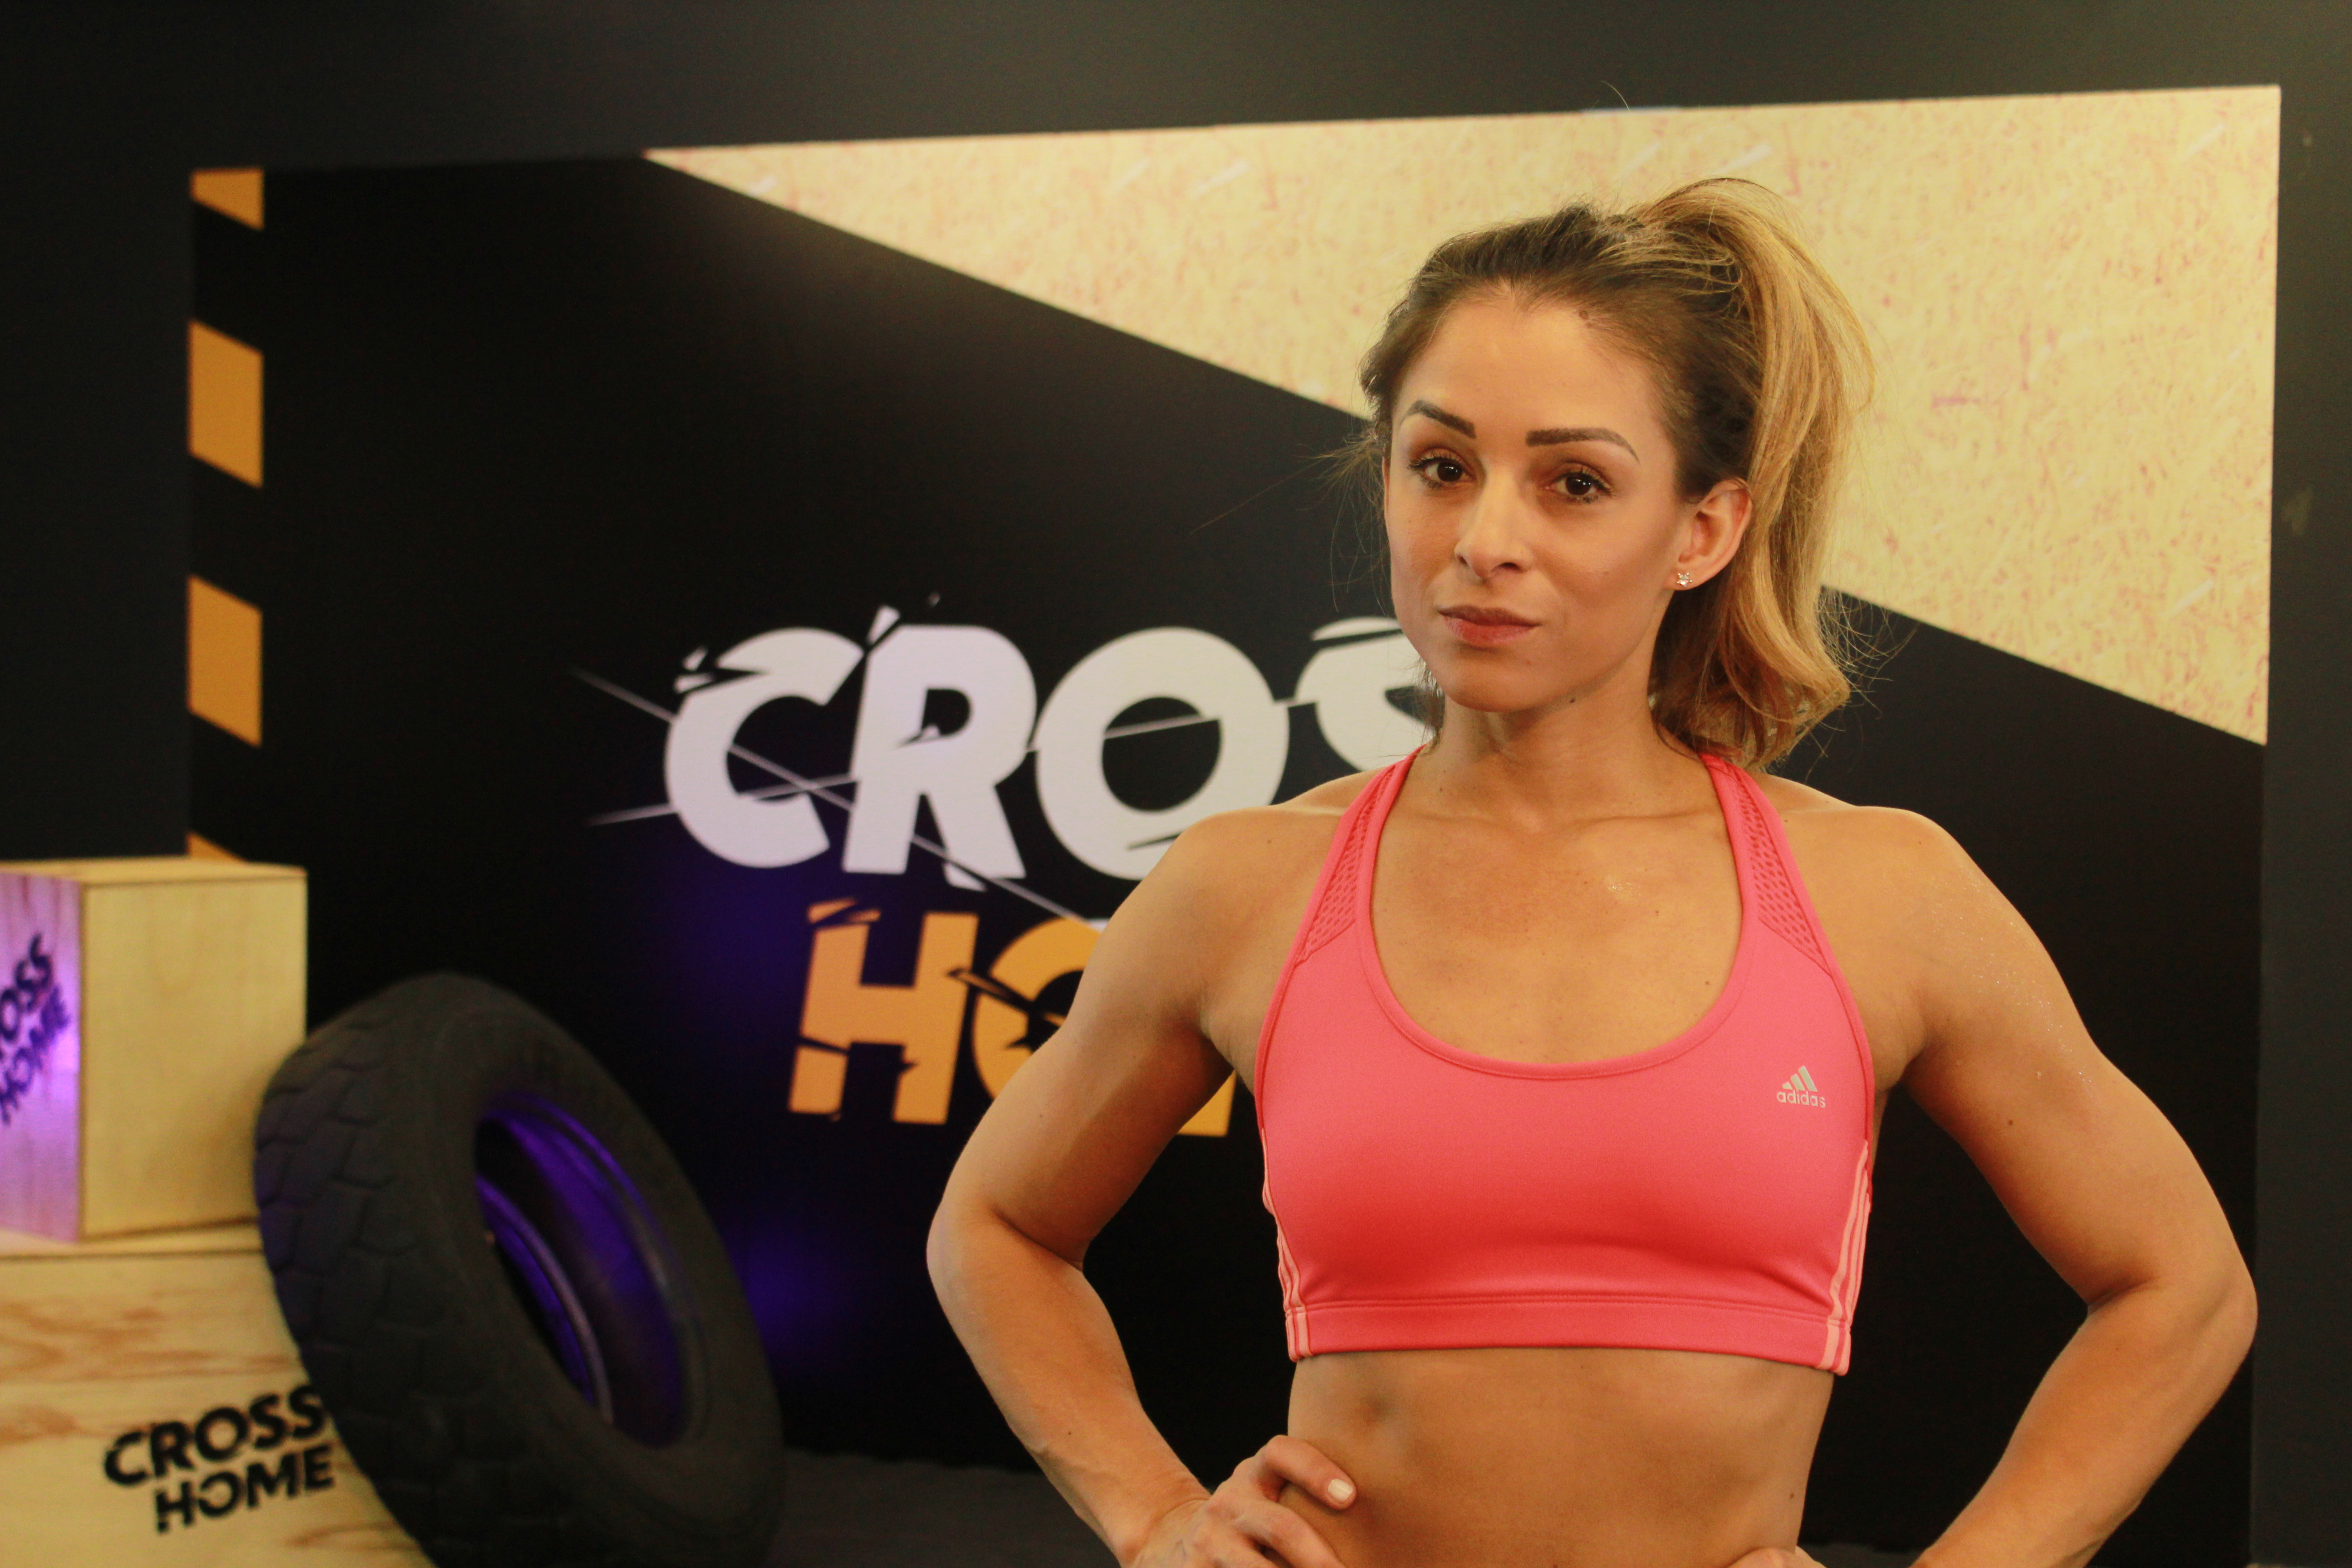 Thais Health apresenta o CrossHome